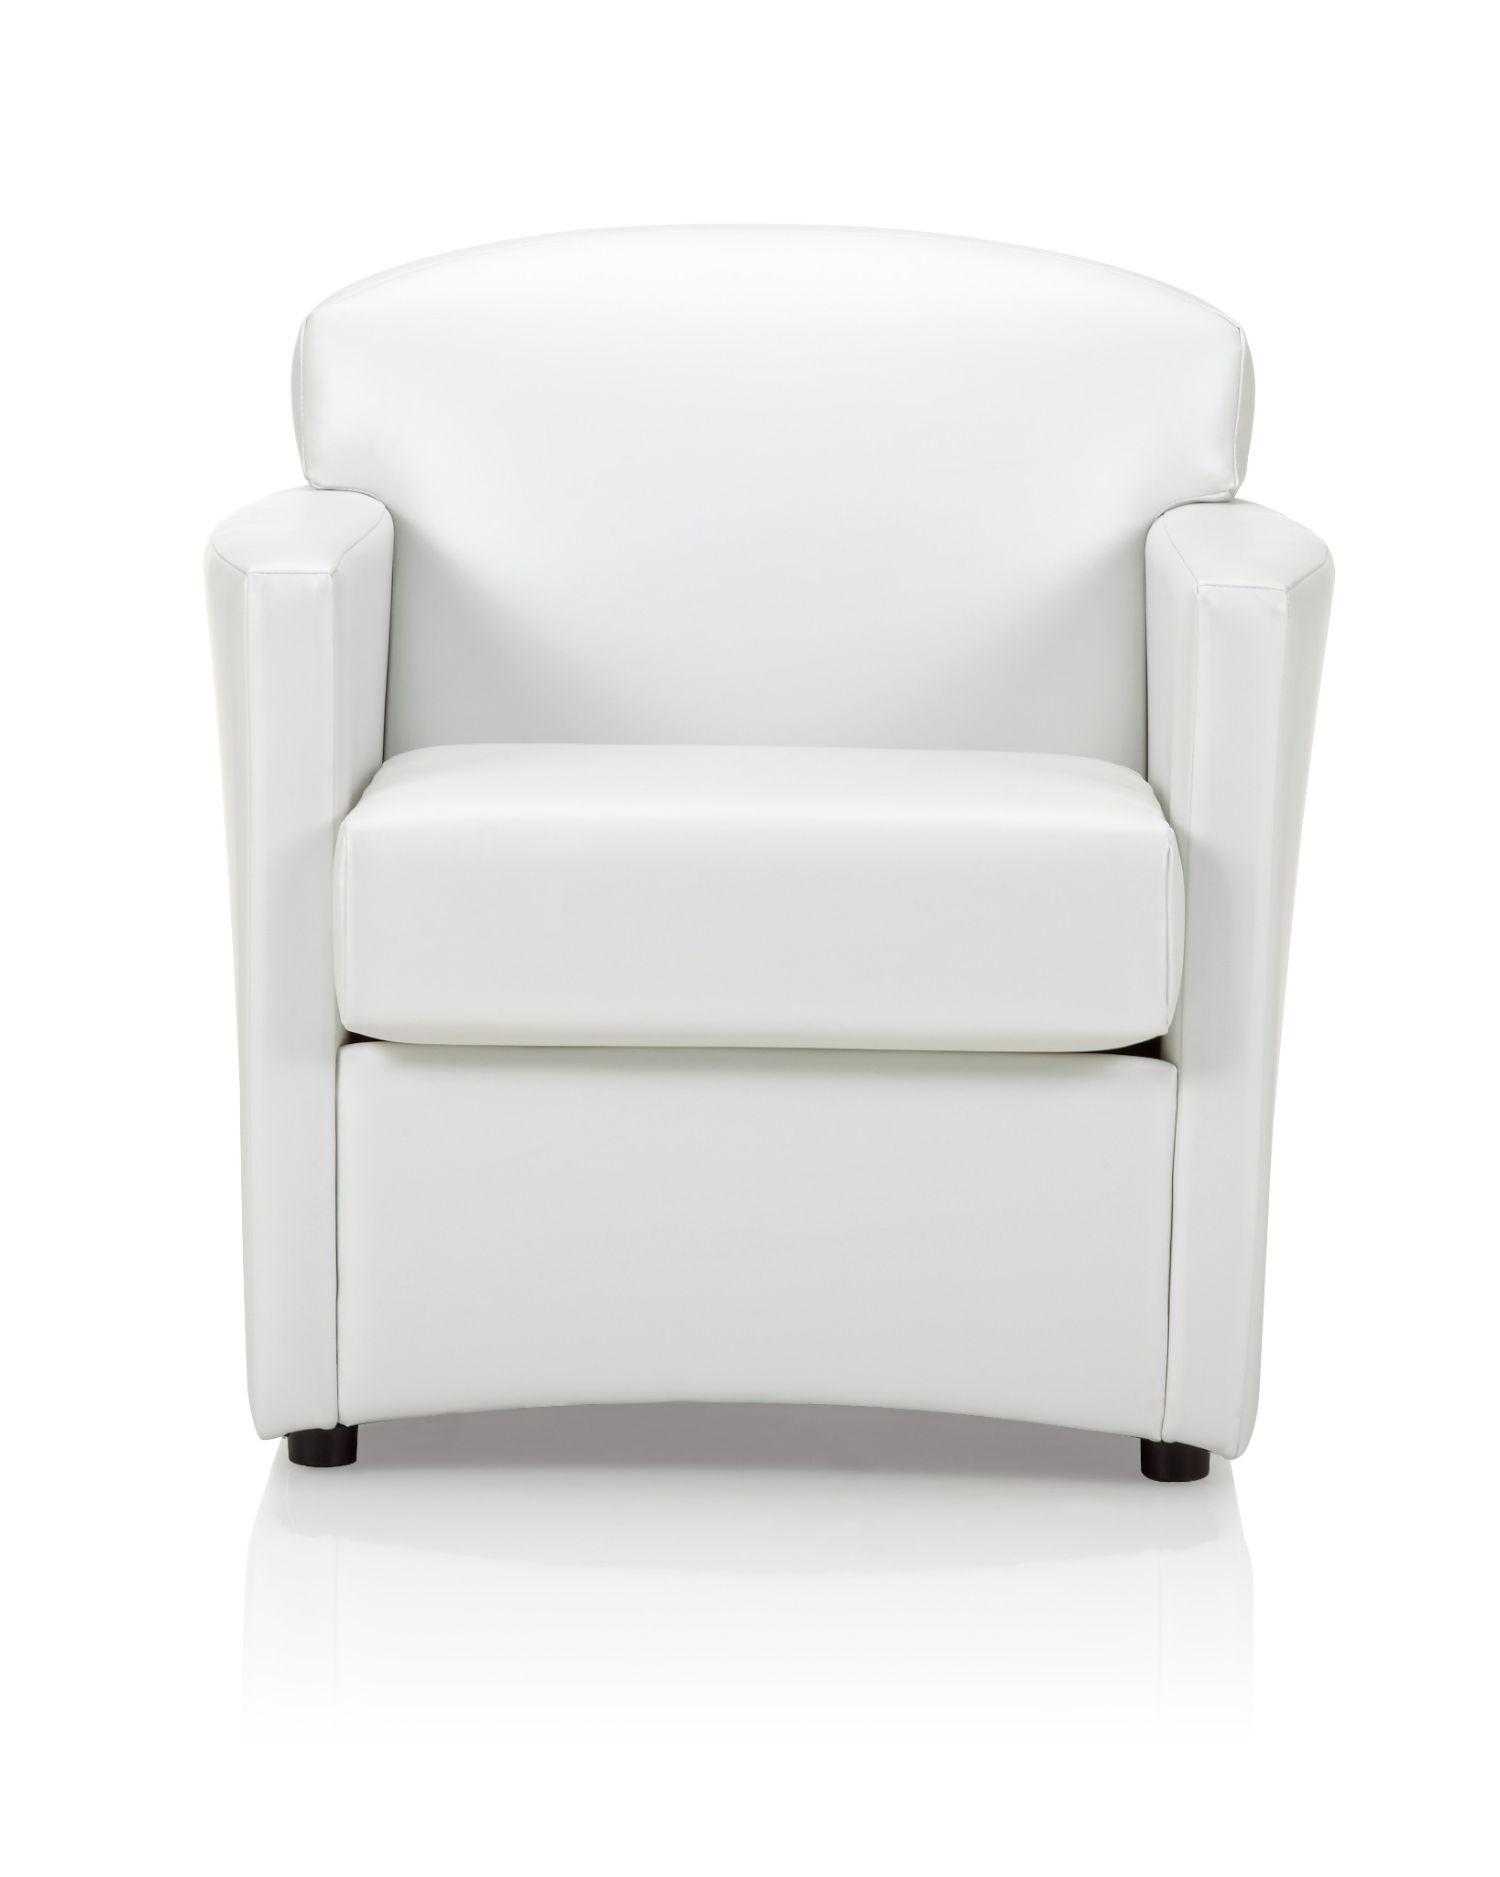 ki jessa lounge chair front view